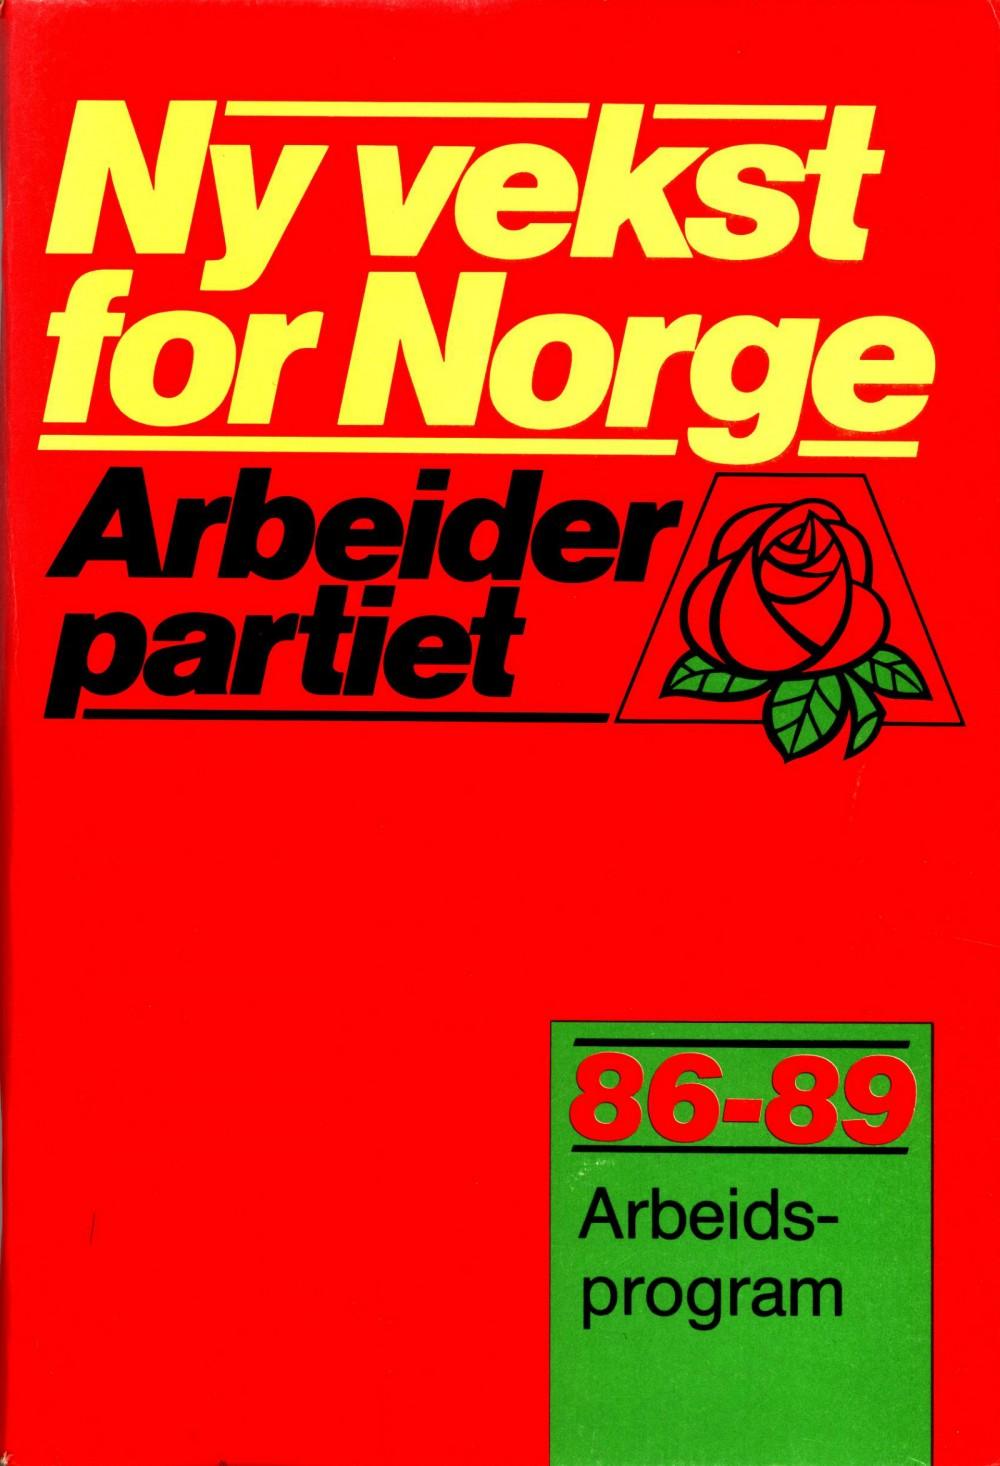 Ny vekst for Norge - Arbeidsprogram 1986-1989